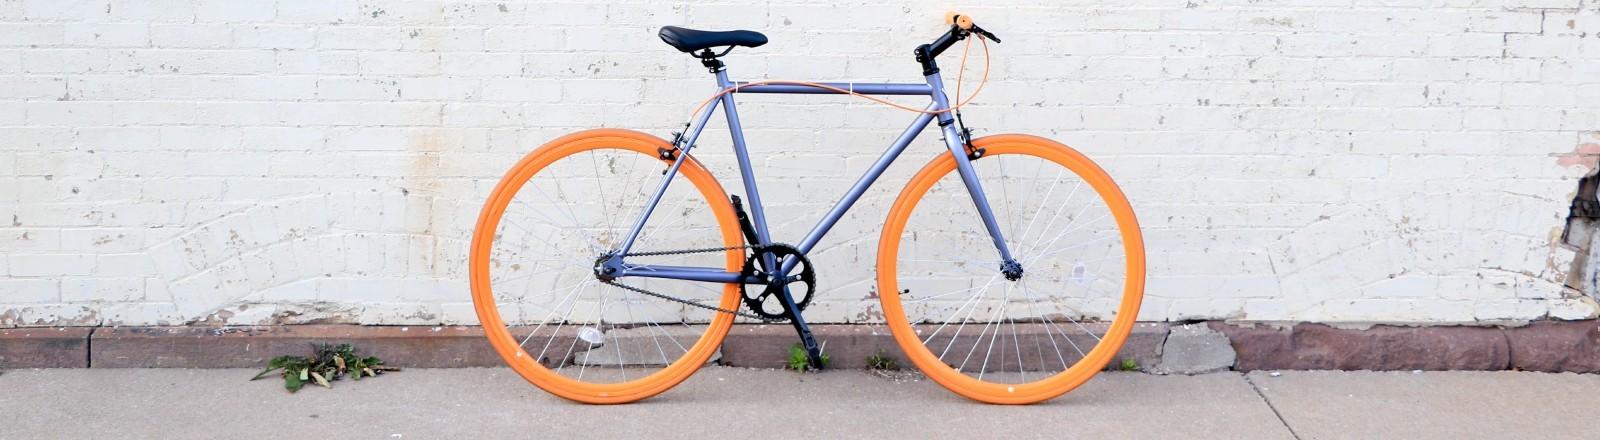 Ein Rennrad steht vor einer Wand.